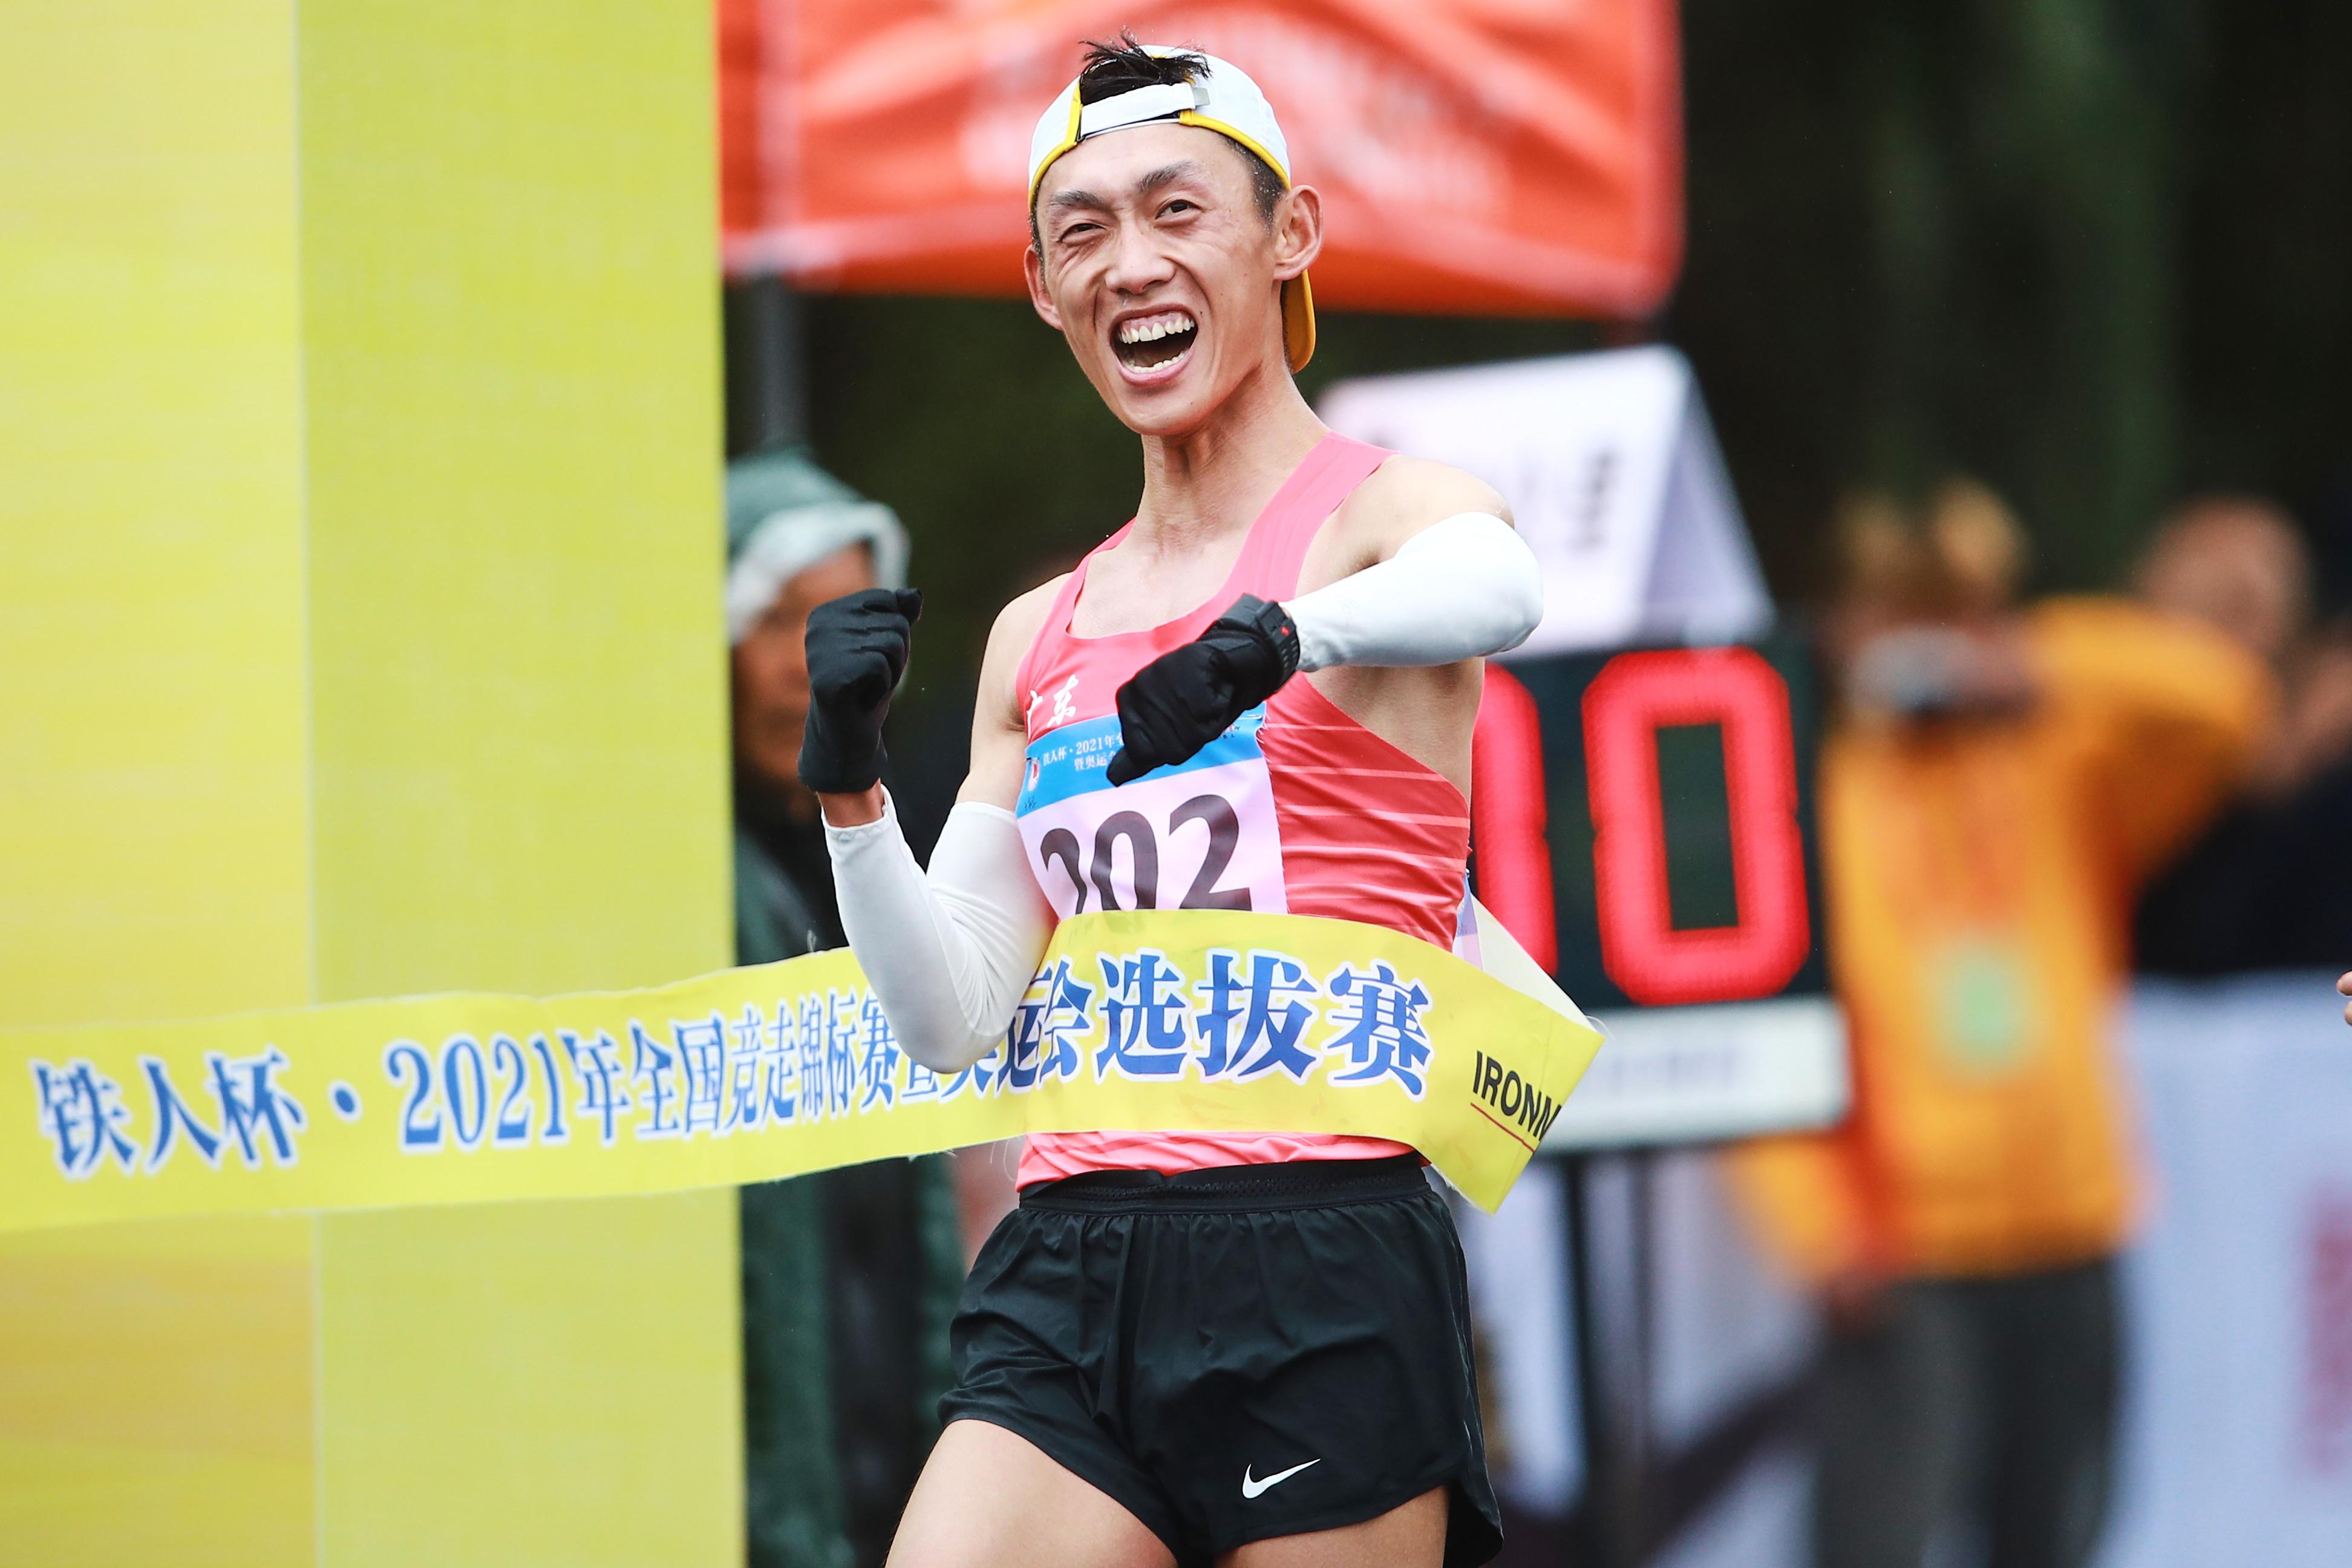 王凯华国内赛事夺冠。